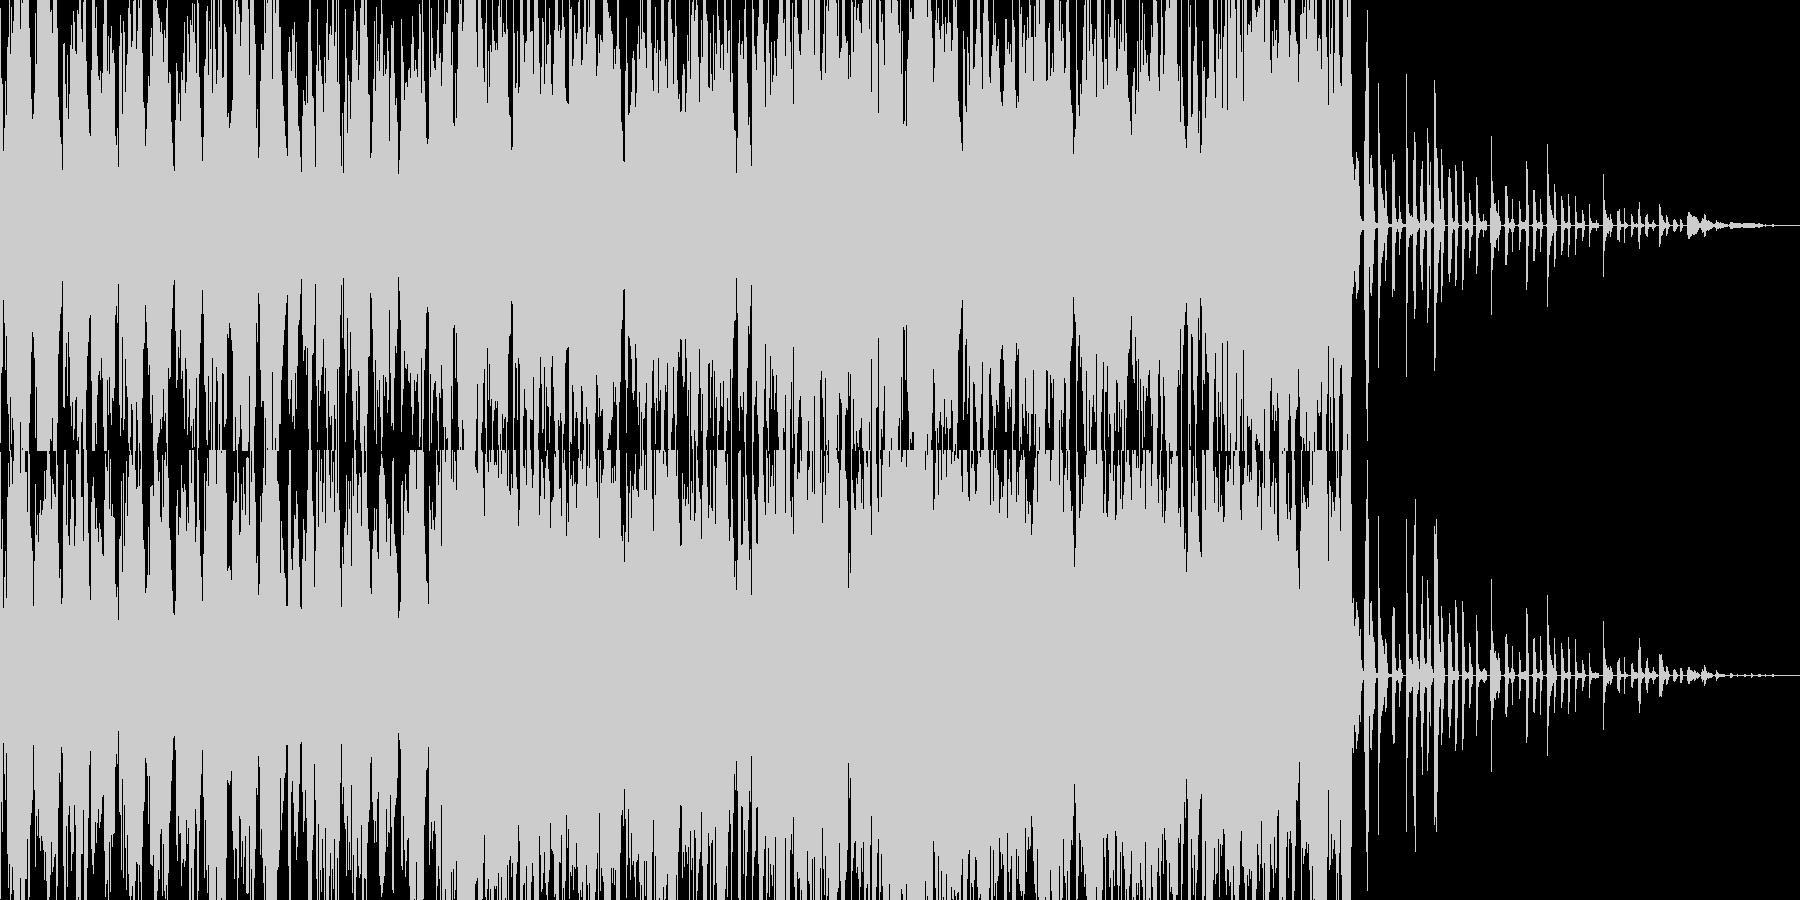 ノリの良い曲、ドラムが激しいジングルの未再生の波形